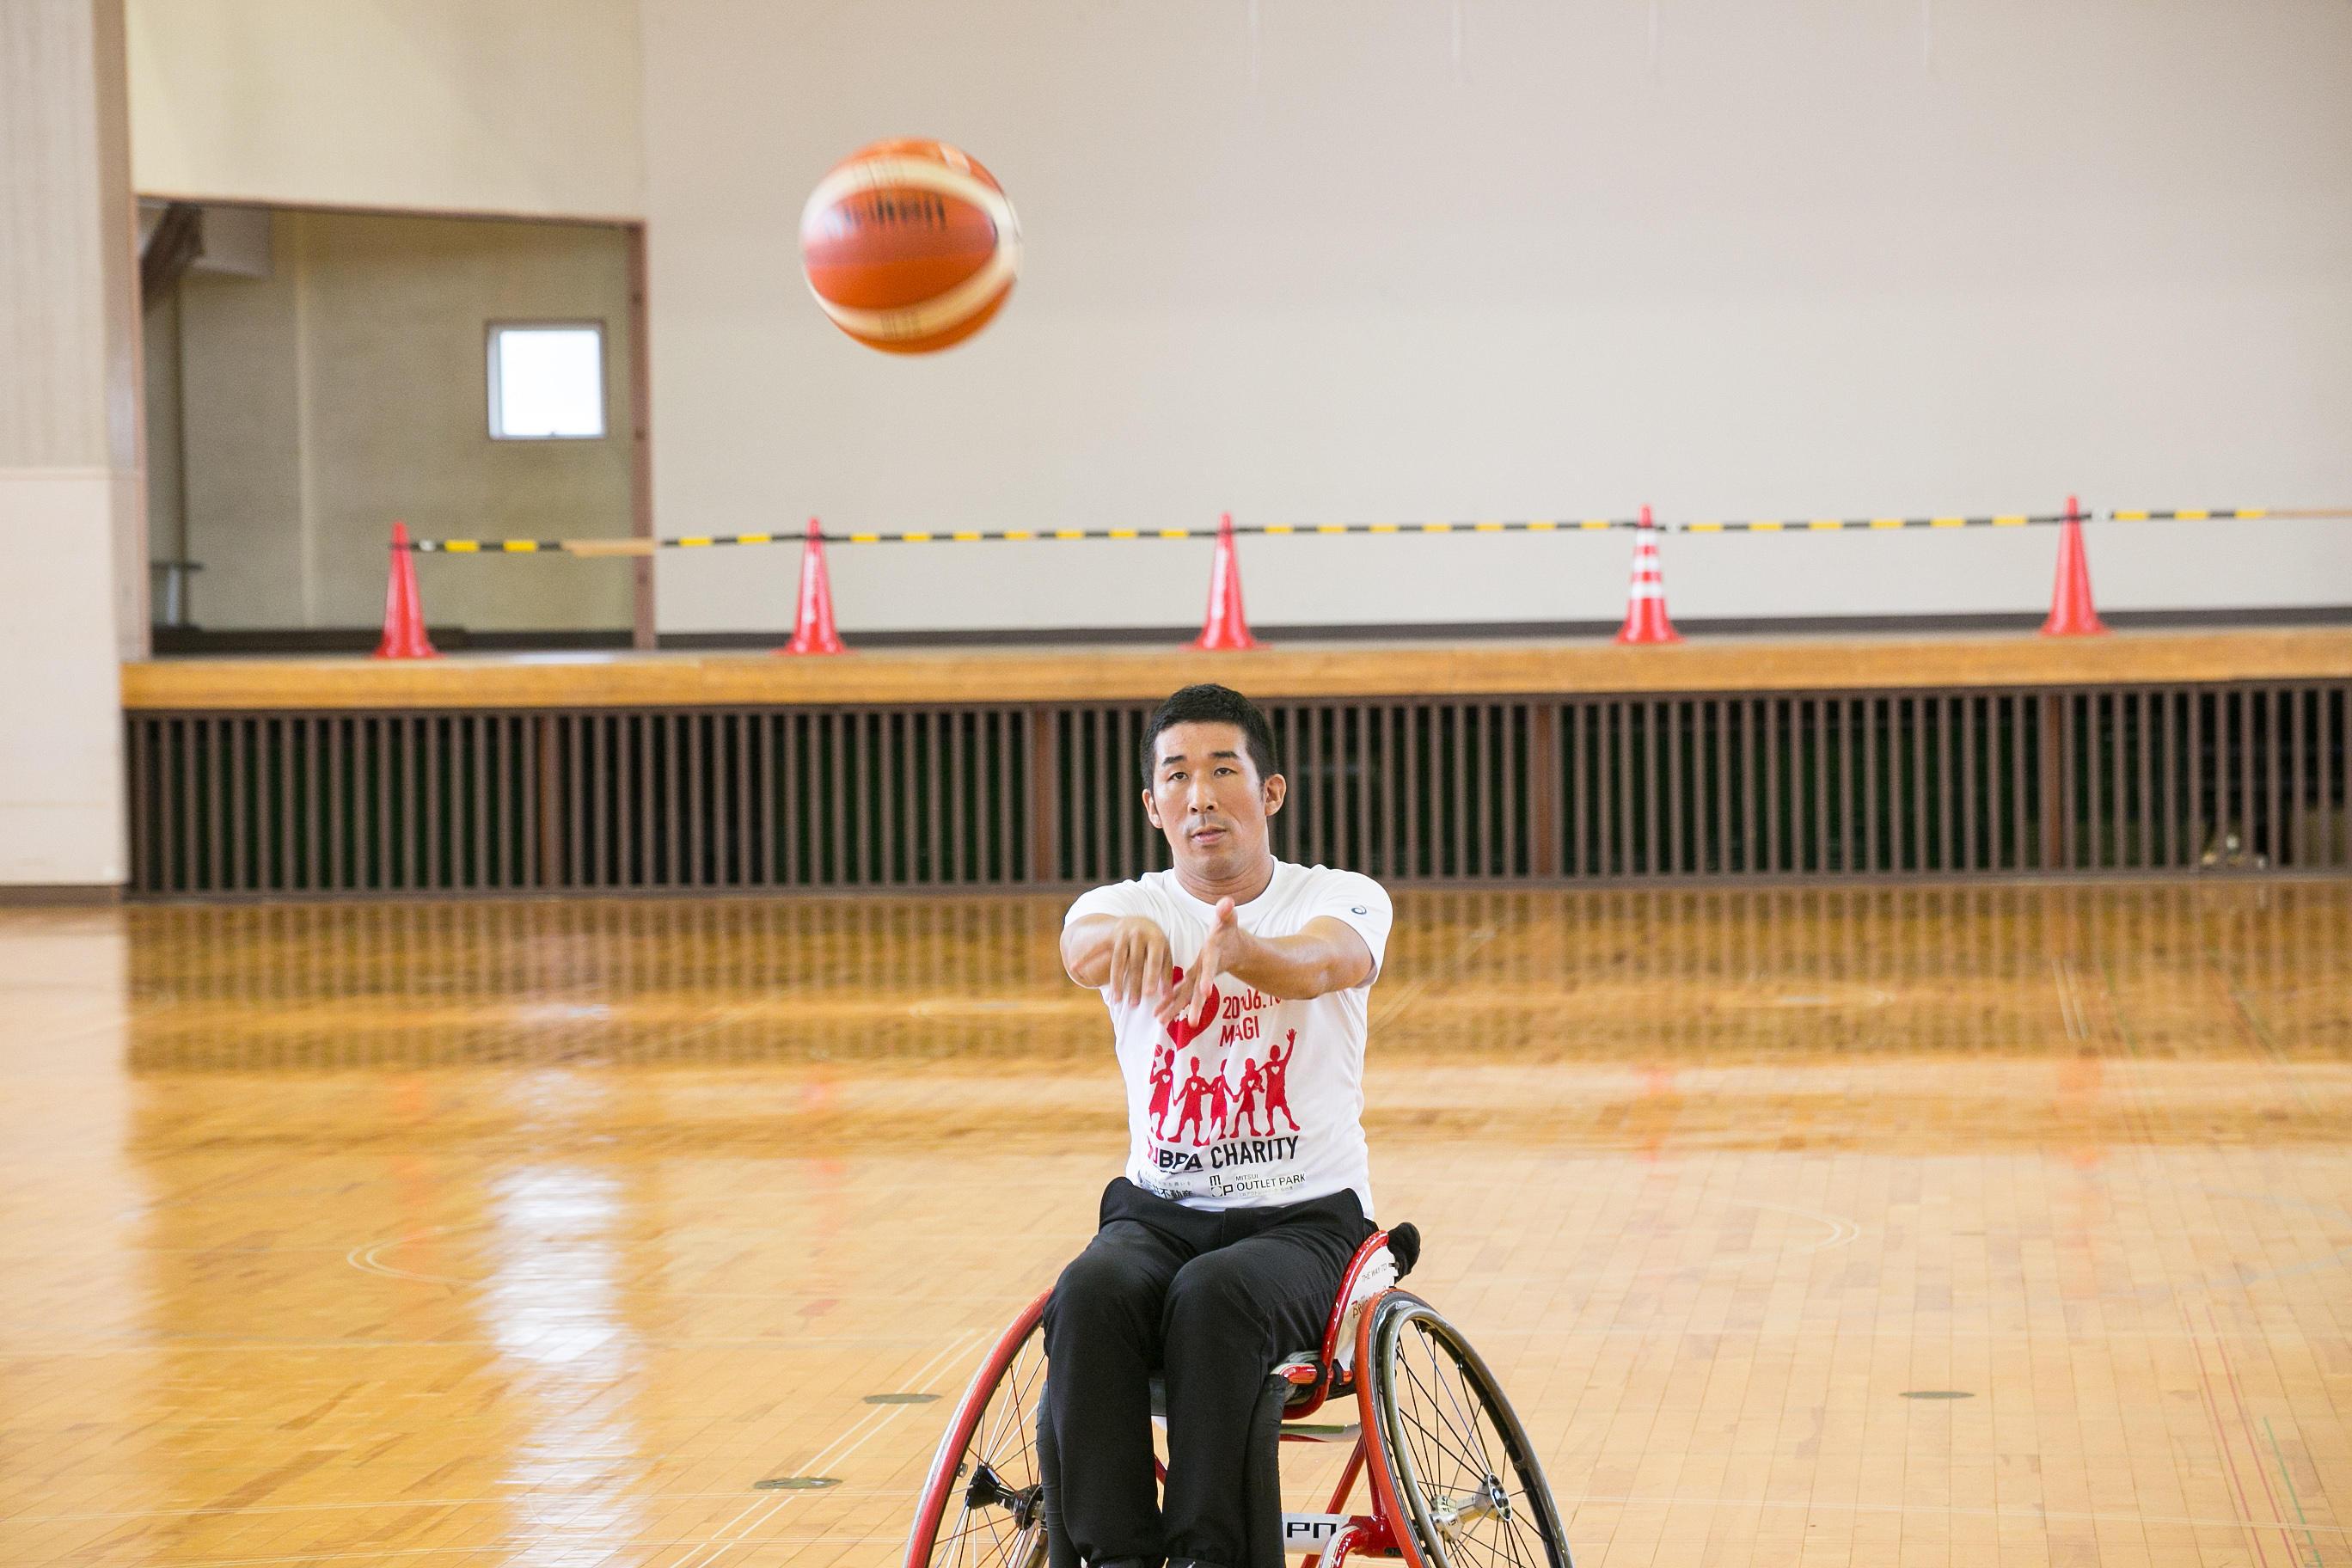 http://news.yoshimoto.co.jp/20181004222550-e1435d42fe5f95b126e464c591165e0fef9b18aa.jpg